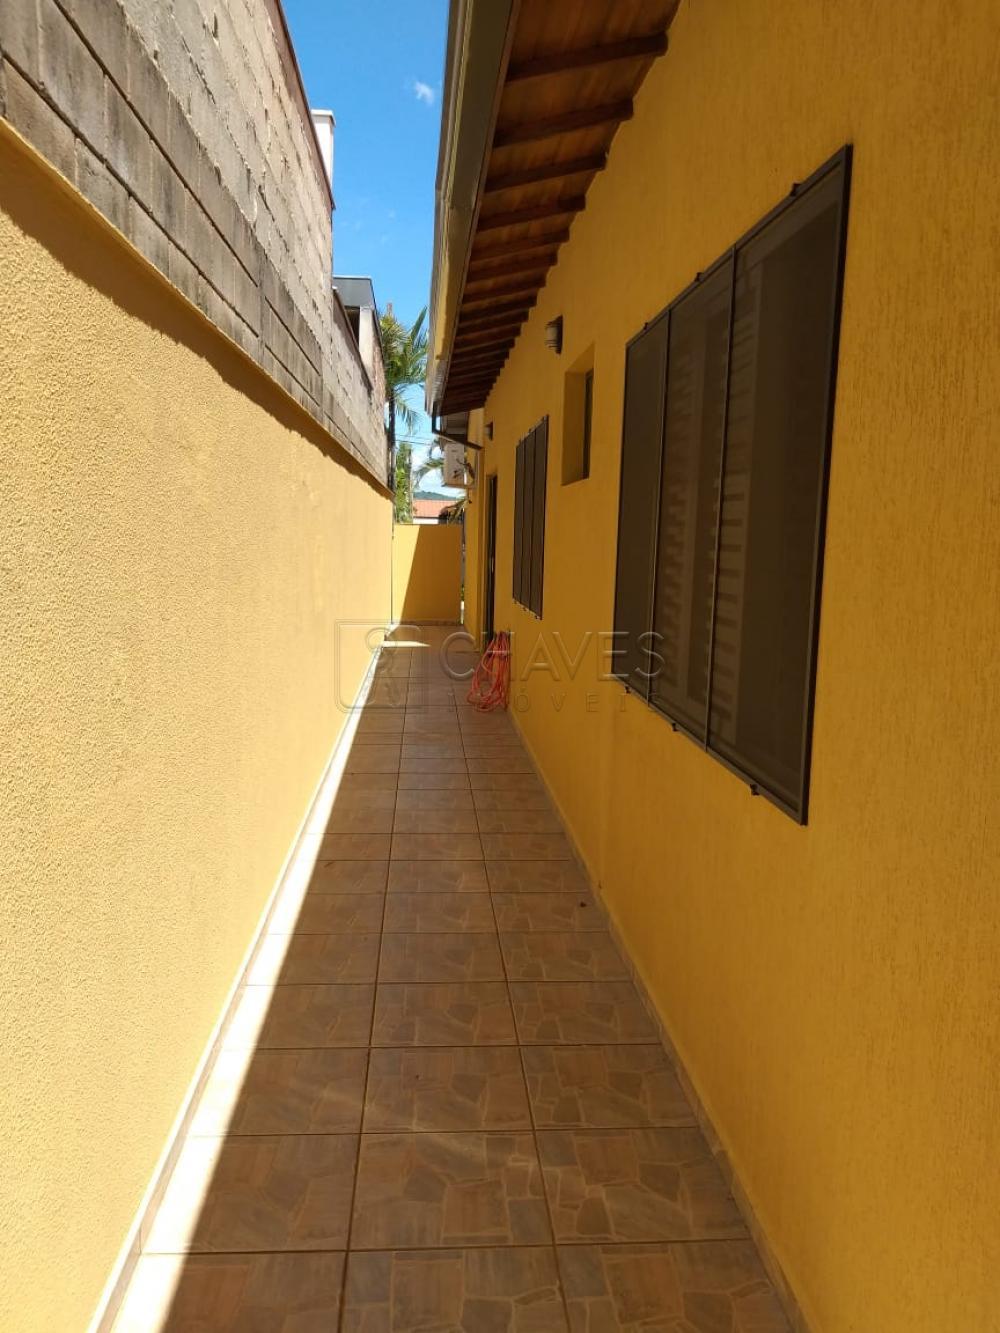 Comprar Casa / Condomínio em Bonfim Paulista apenas R$ 550.000,00 - Foto 12